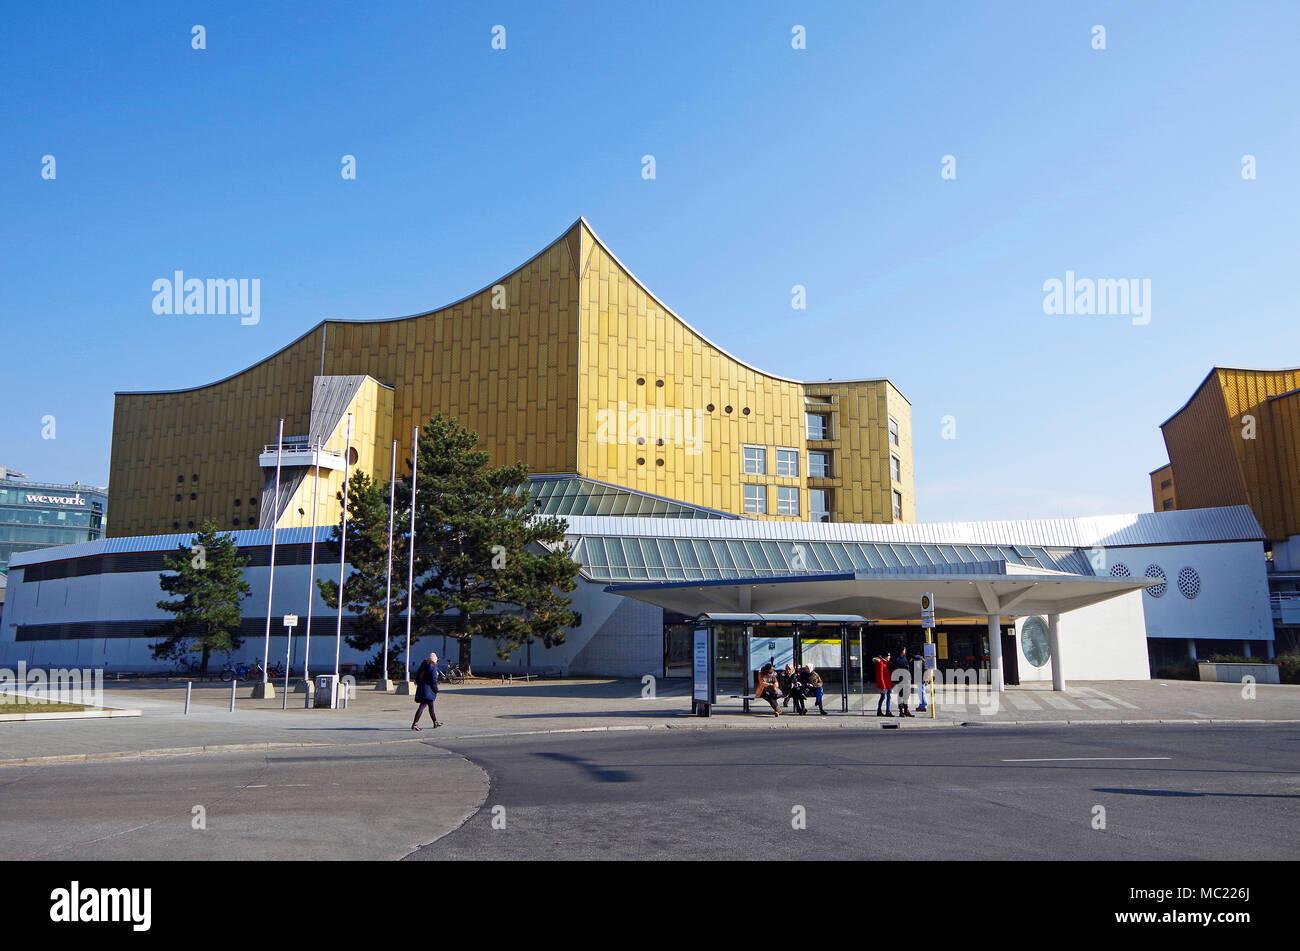 La Salle De Concert Philharmonie De Berlin L Accueil De L Orchestre